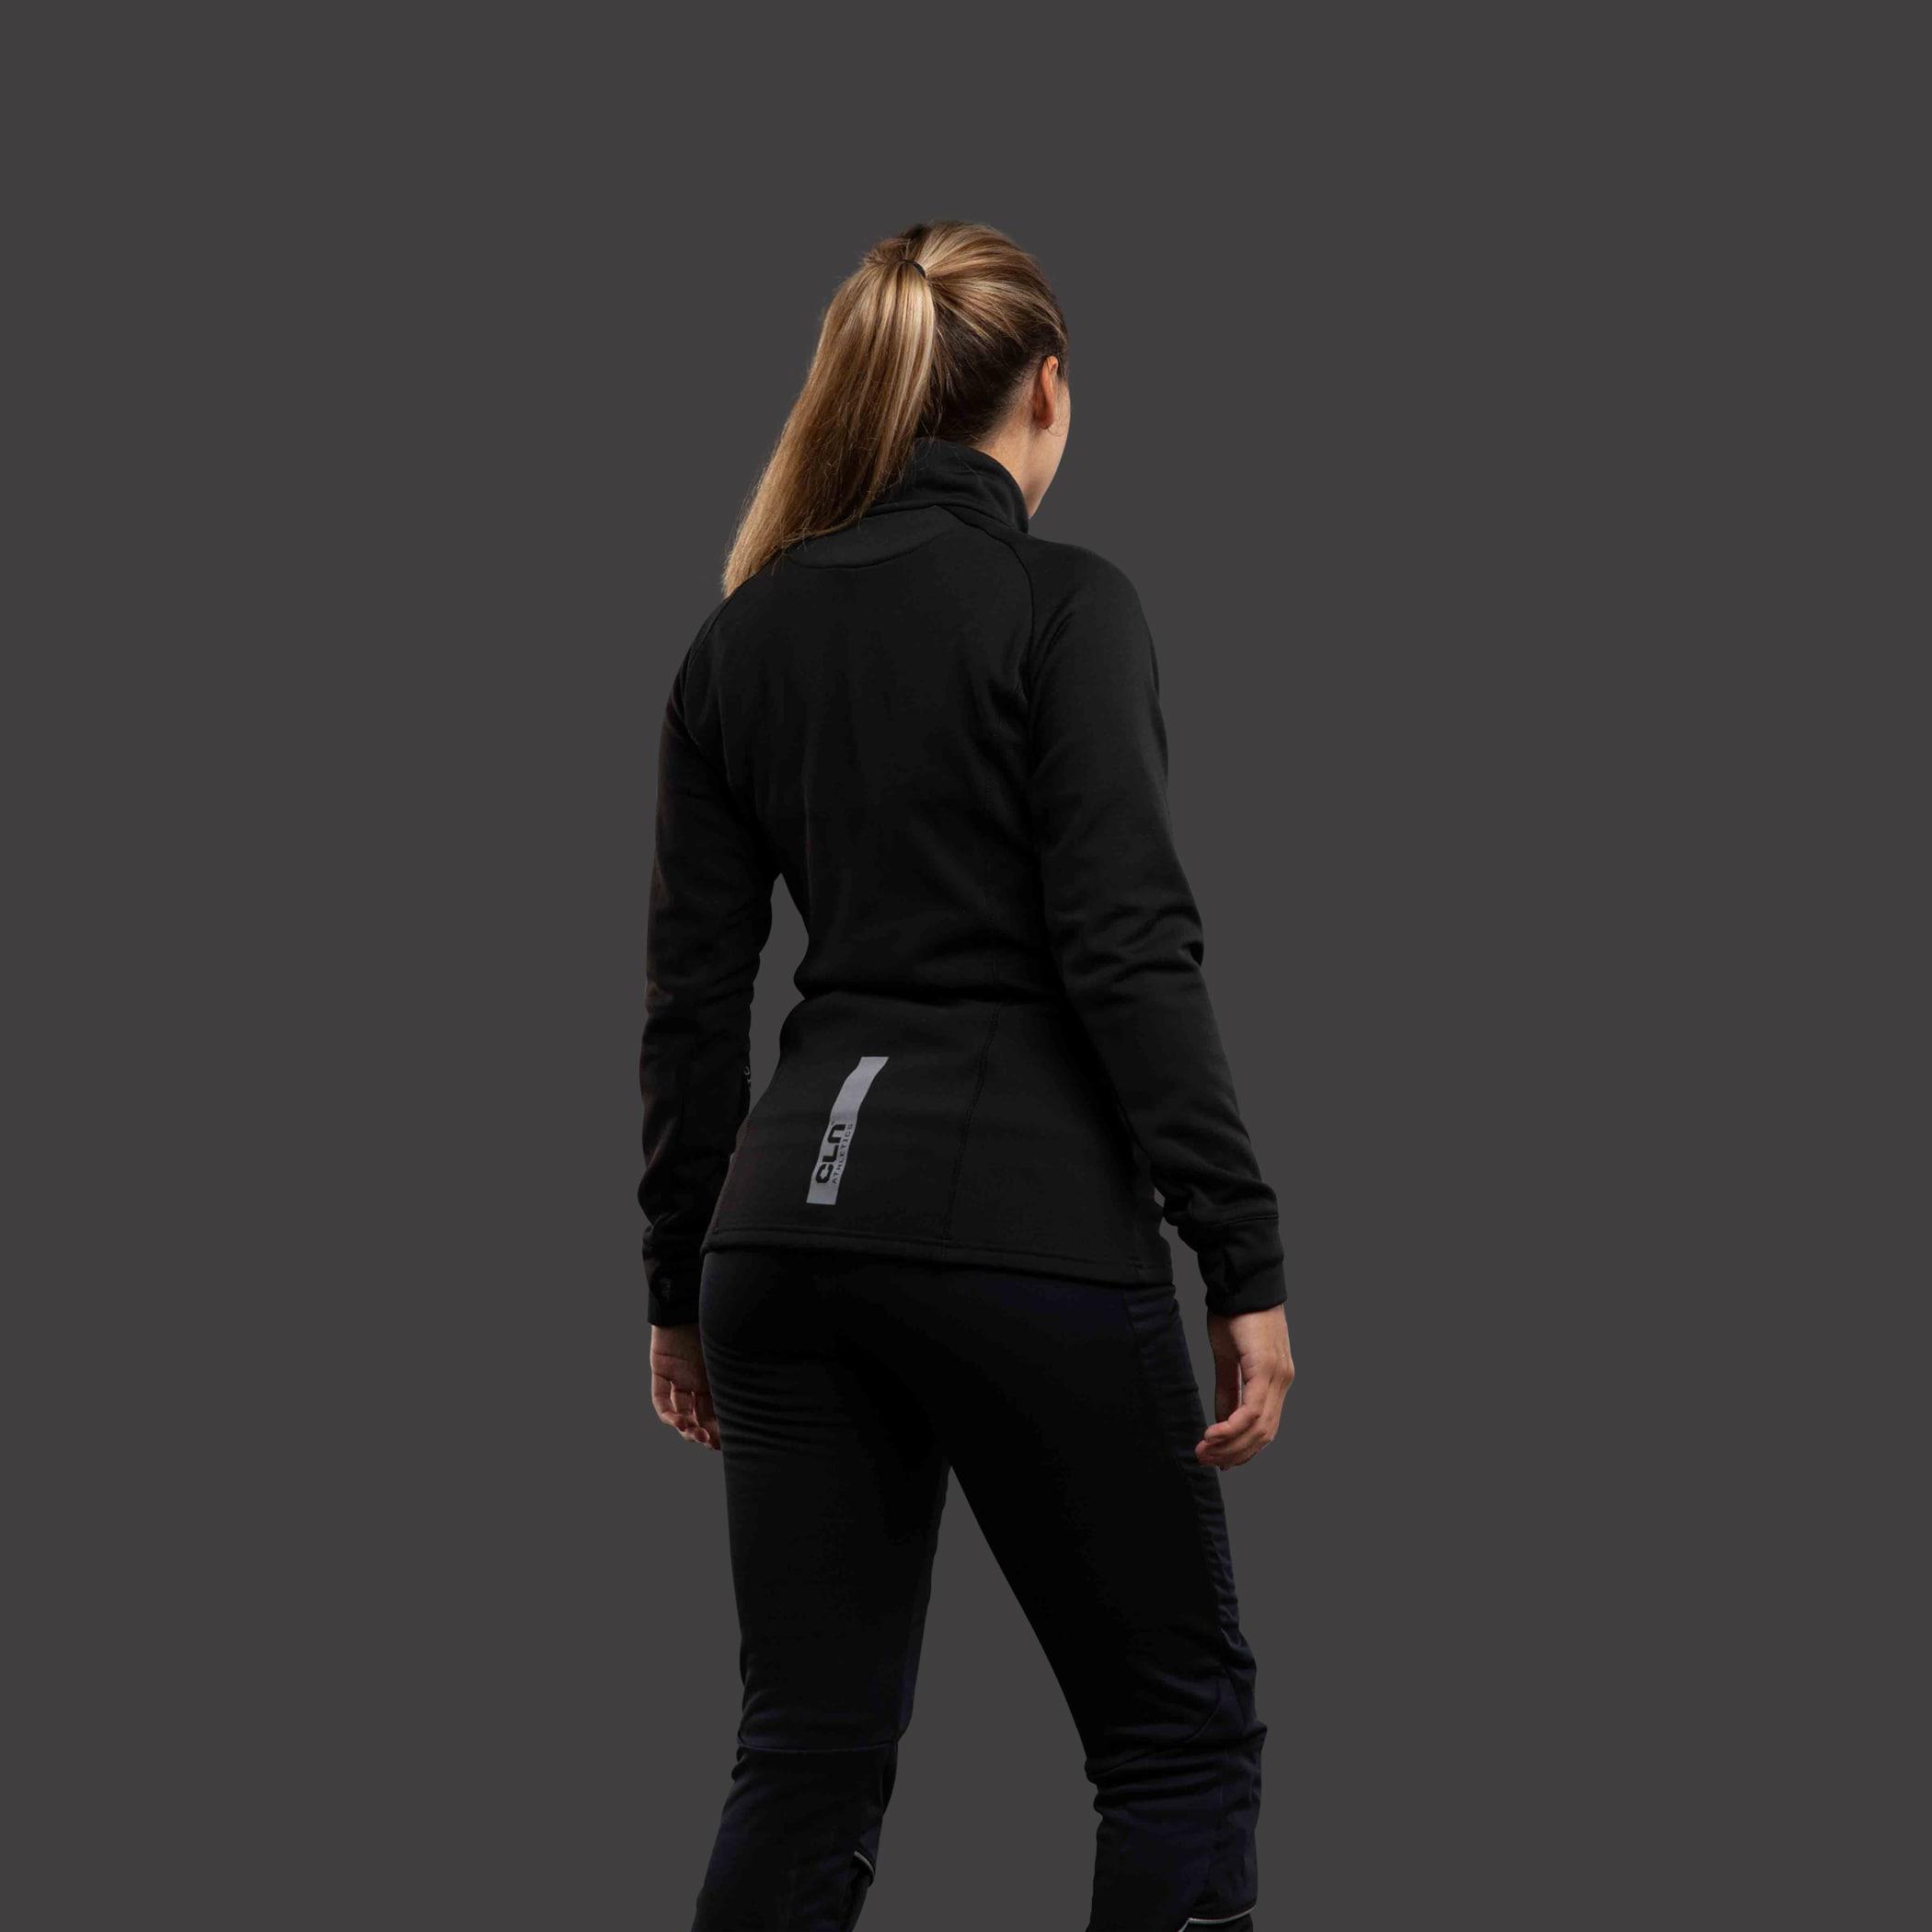 CLN Viper ws 1/2 zip Black